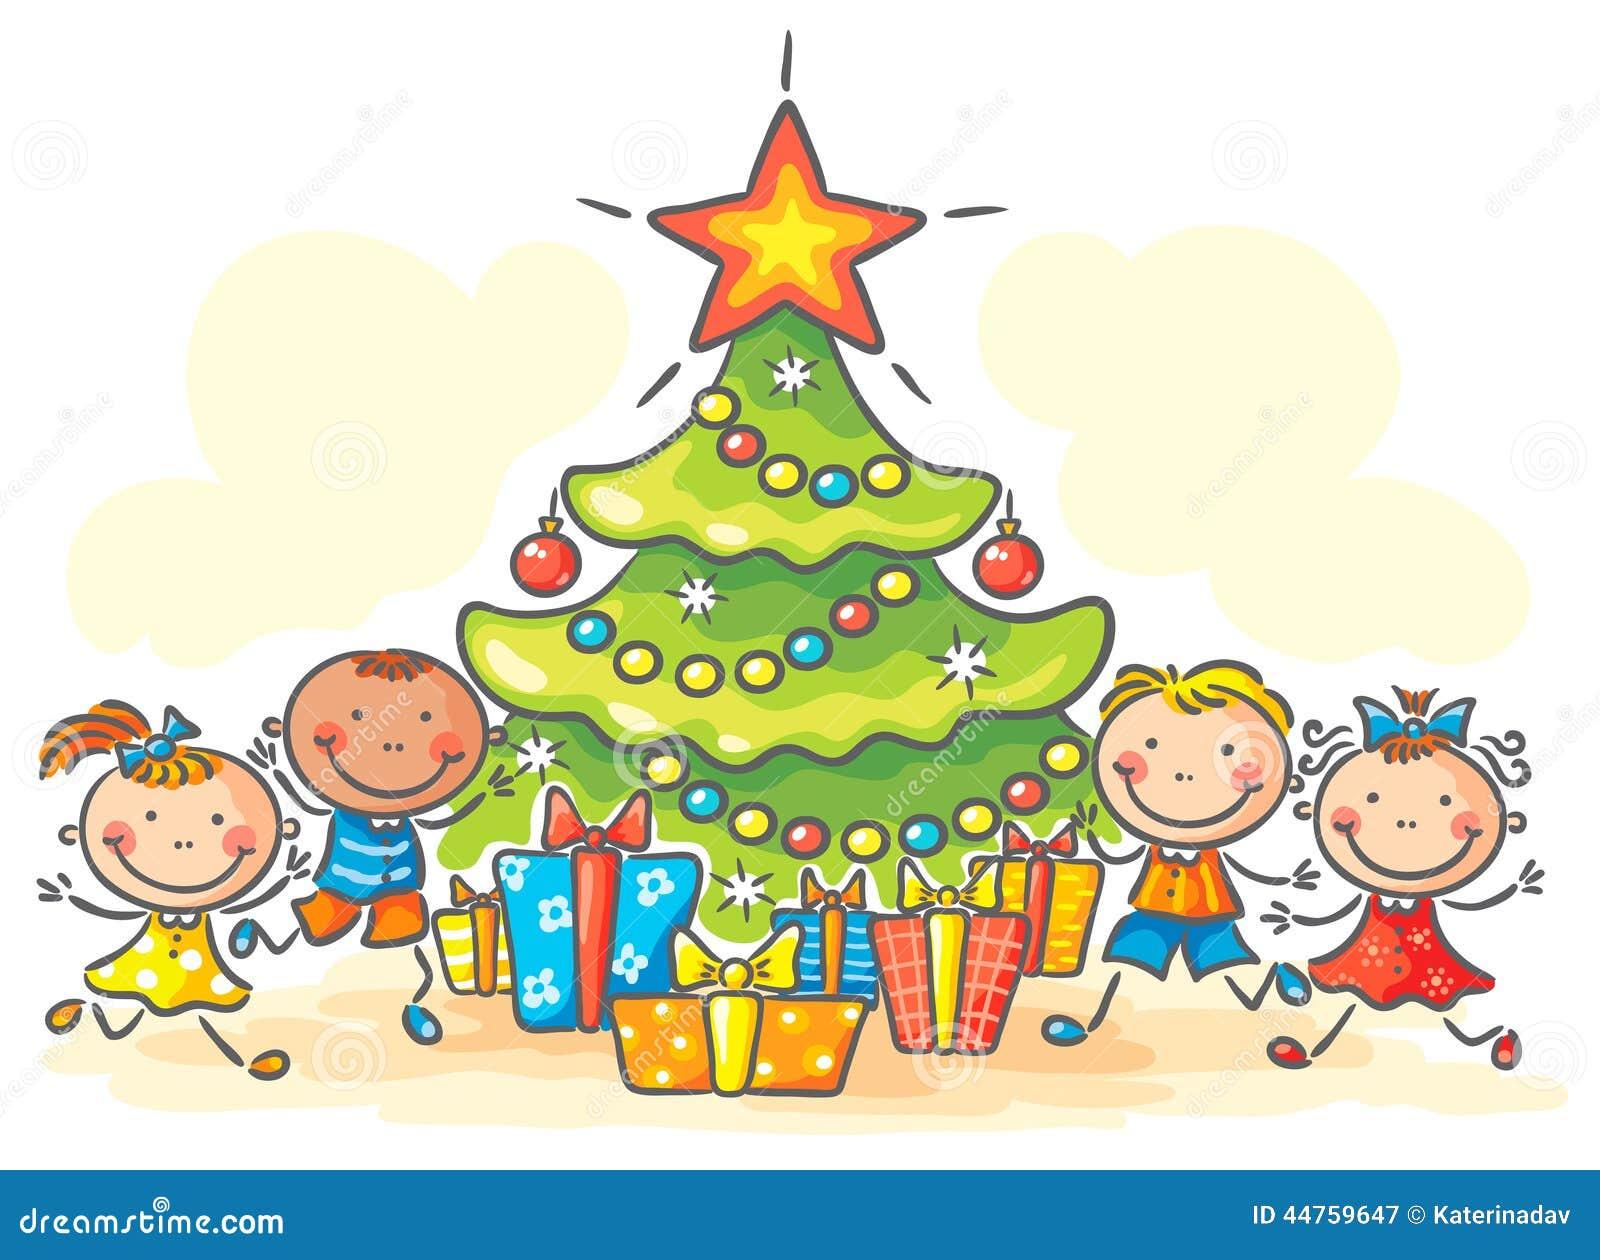 geschenke für weihnachten für kinder